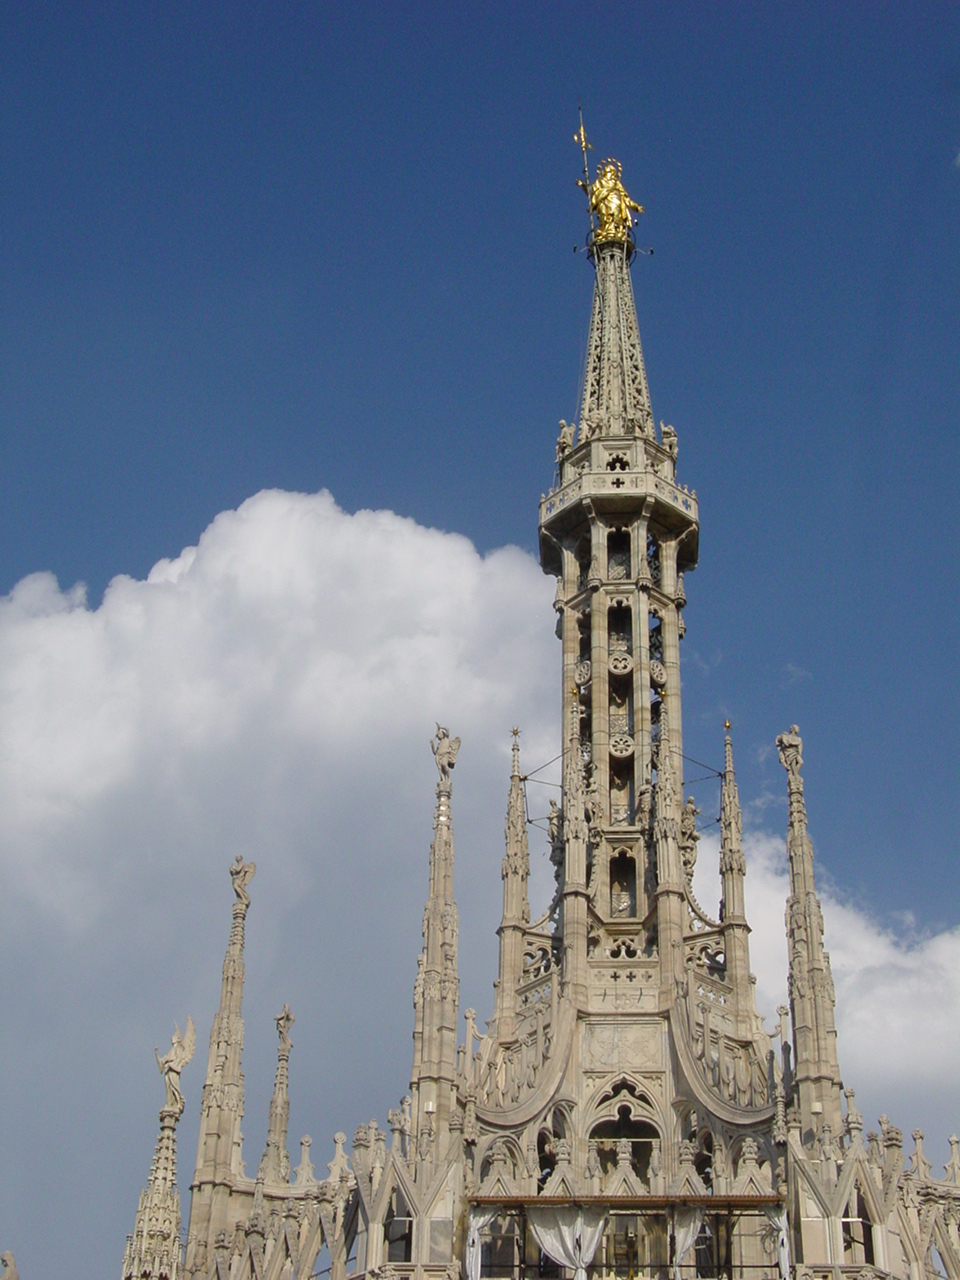 http://www.ledha.it/allegati/MXT_t2_strutture_immagini/645/IMGX_10_Immagine_Duomo_Madonnina.jpg